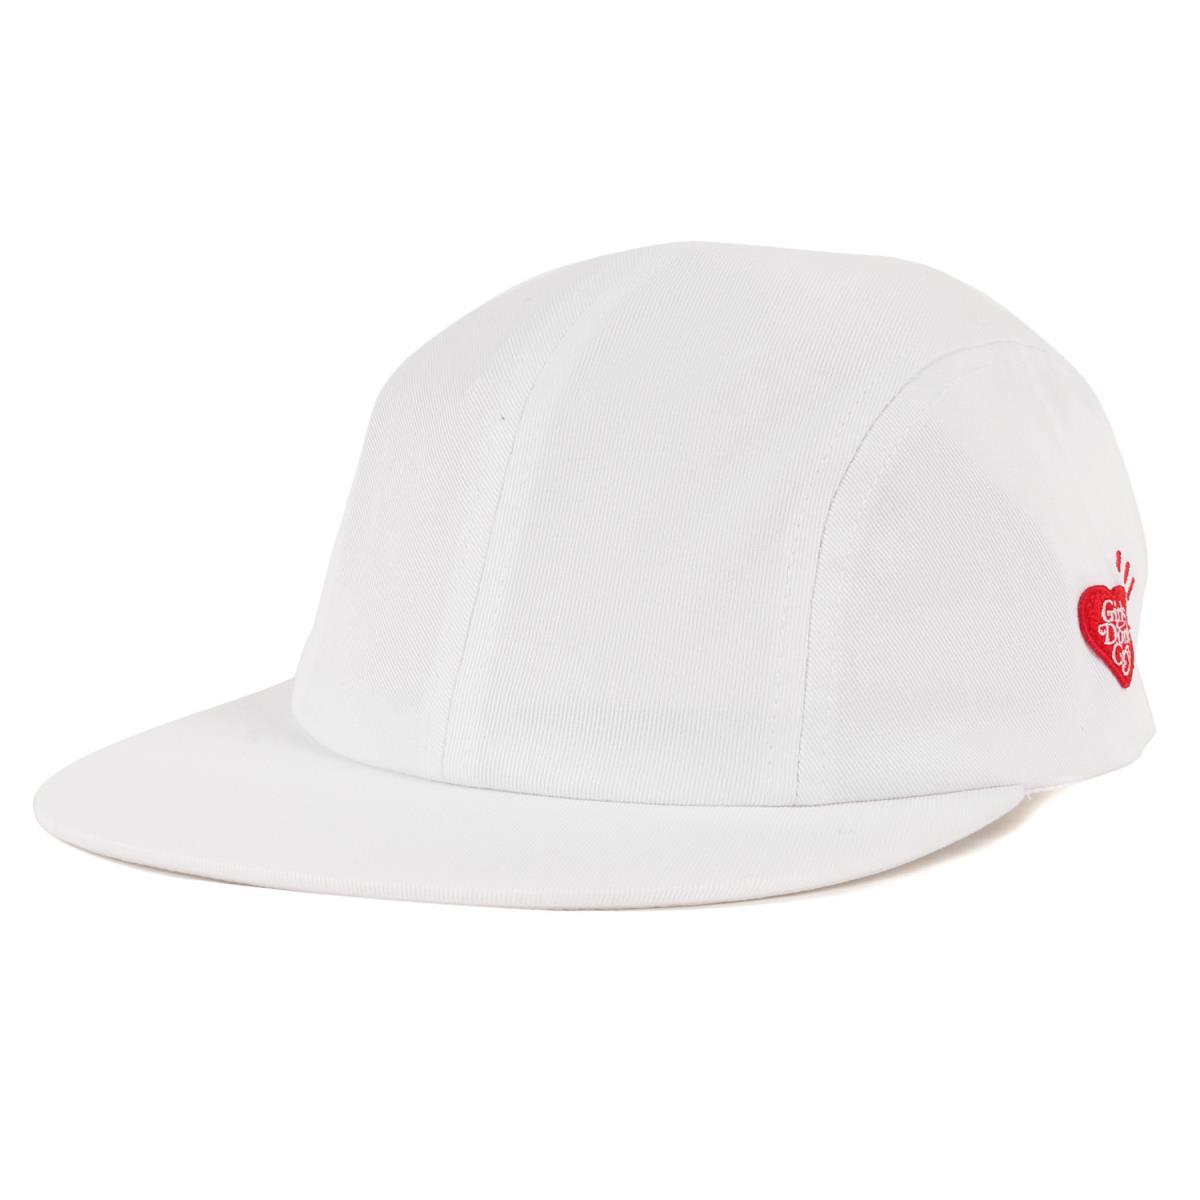 メンズ帽子, キャップ HUMAN MADE Girls Dont Cry 20AW K3139